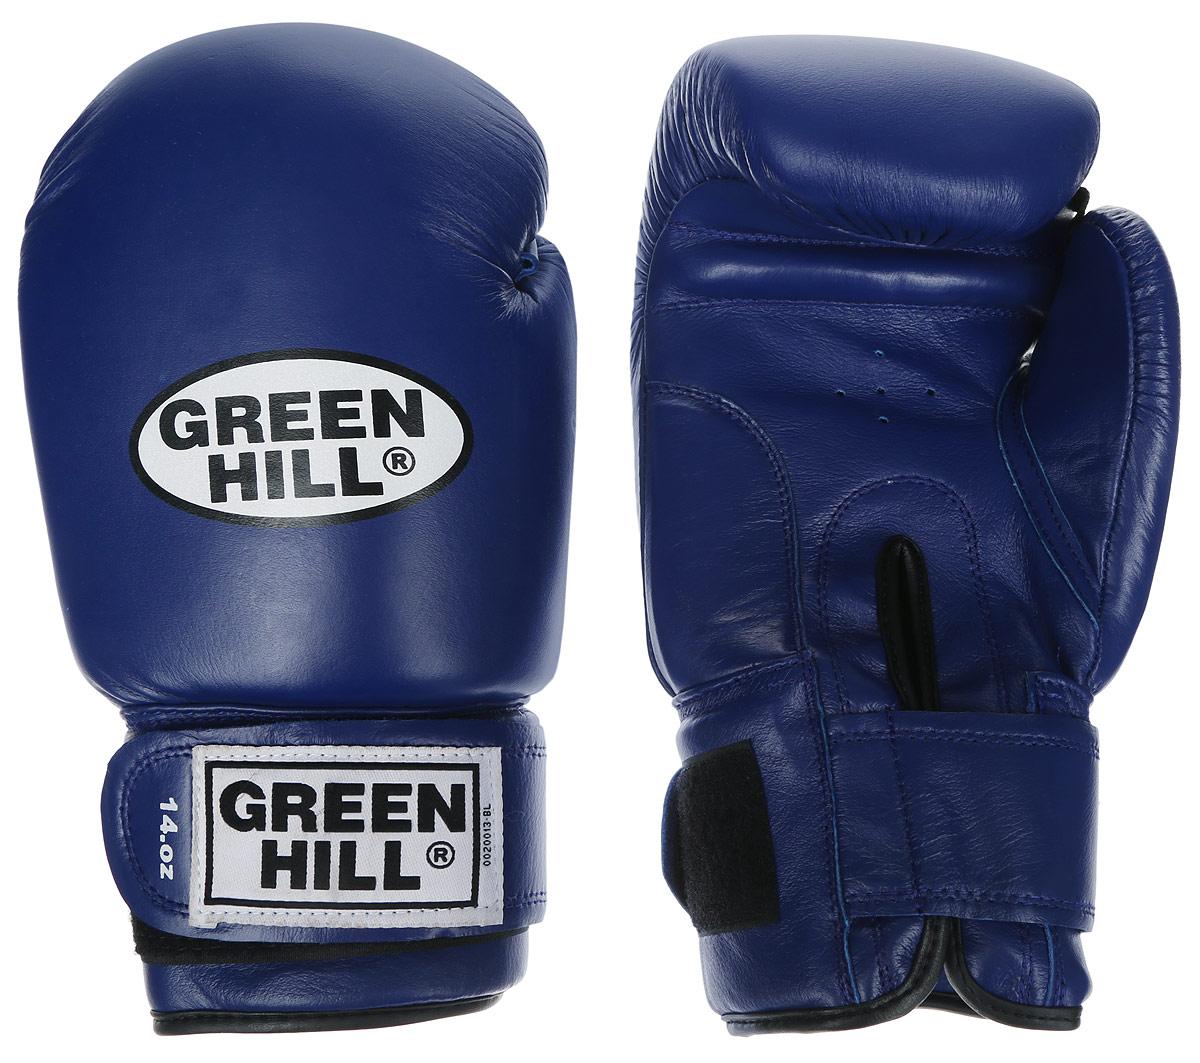 Перчатки боксерские Green Hill Super Star, цвет: синий, белый. Вес 12 унций. BGS-1213сBGPS-2012Боксерские перчатки Green Hill Super Star предназначены для использования профессионалами. Подойдут для спаррингов и соревнований. Верх выполнен из натуральной кожи, наполнитель - из вспененного полимера. Отверстие в области ладони позволяет создать максимально комфортный терморежим во время занятий. Манжет на липучке способствует быстрому и удобному надеванию перчаток, плотно фиксирует перчатки на руке.